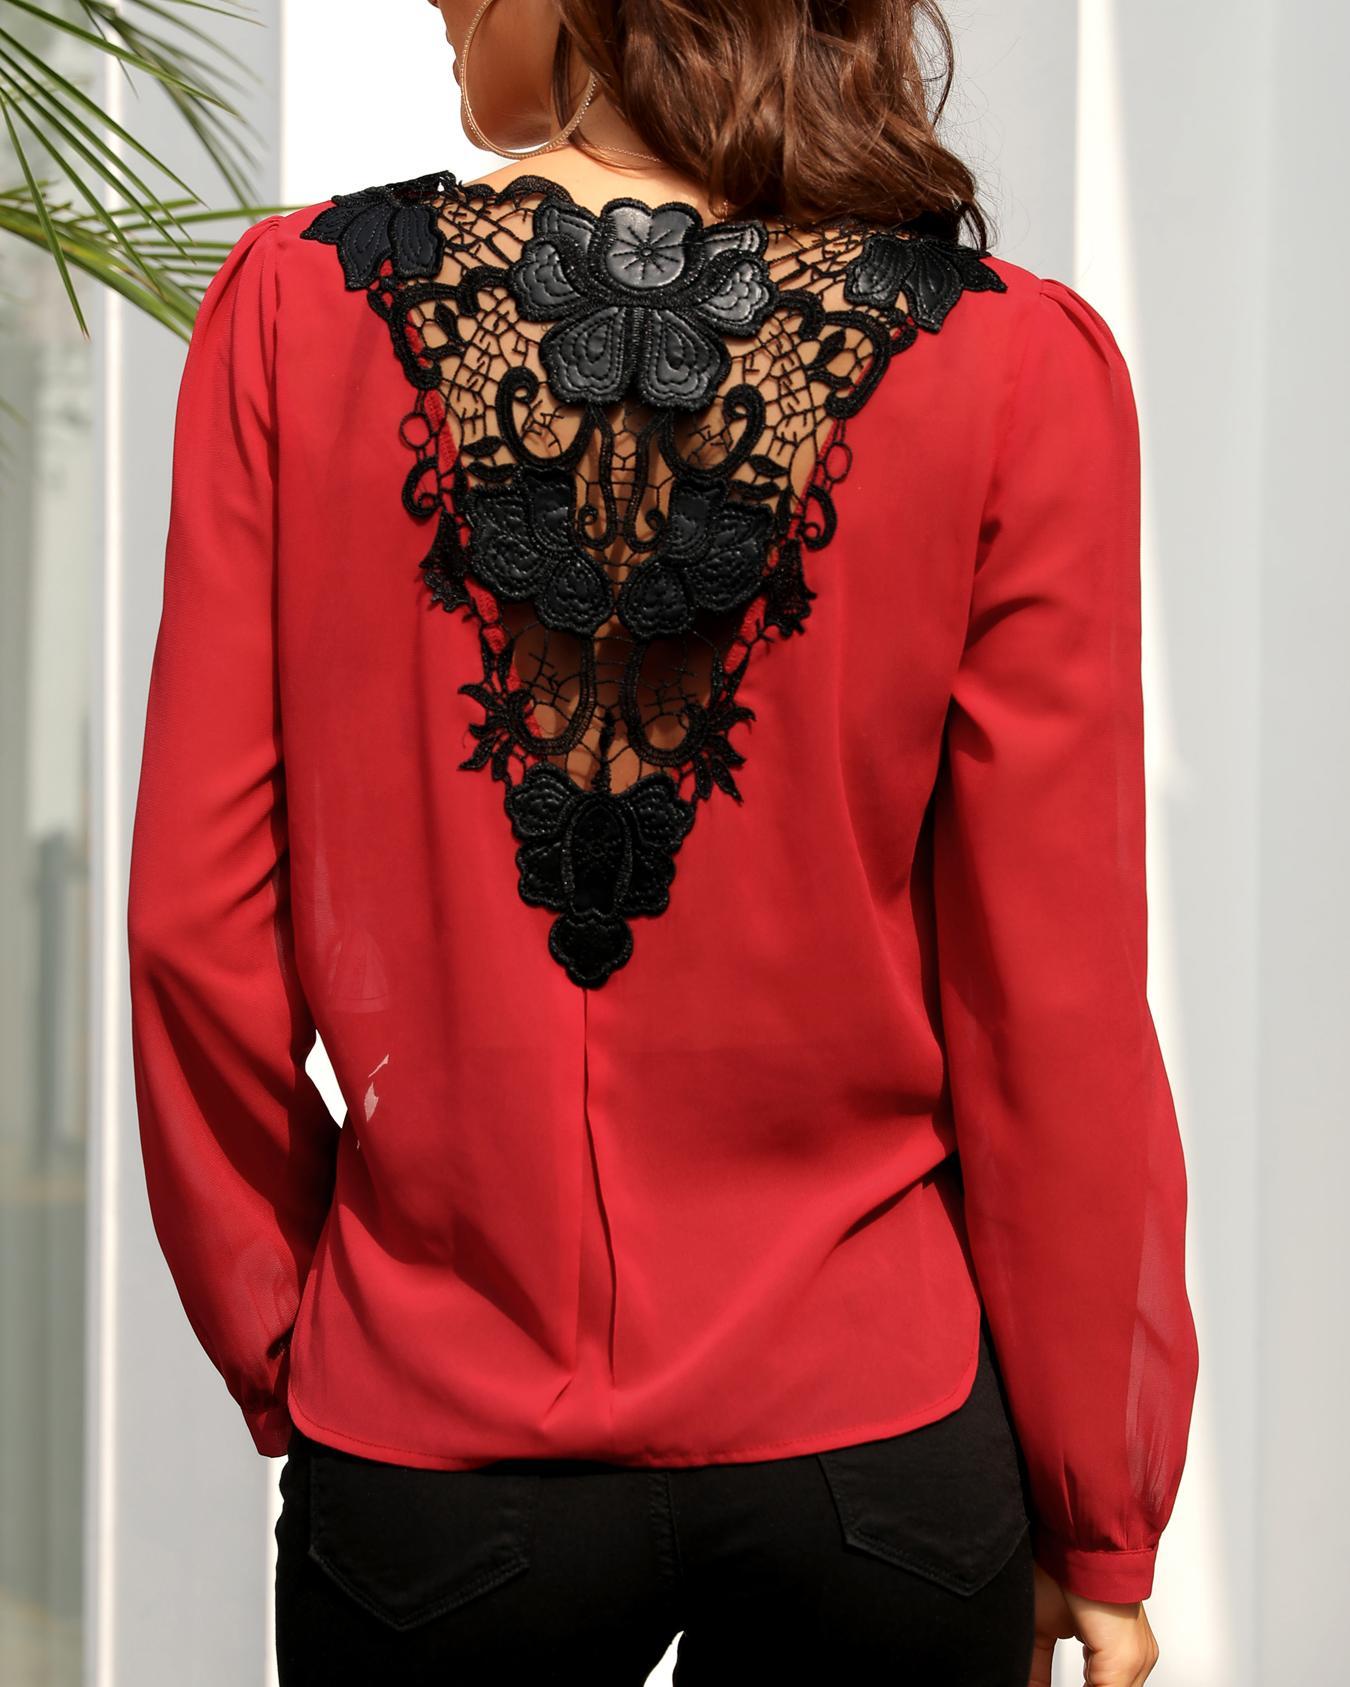 Lace Crochet Back Surplice Front Blouse